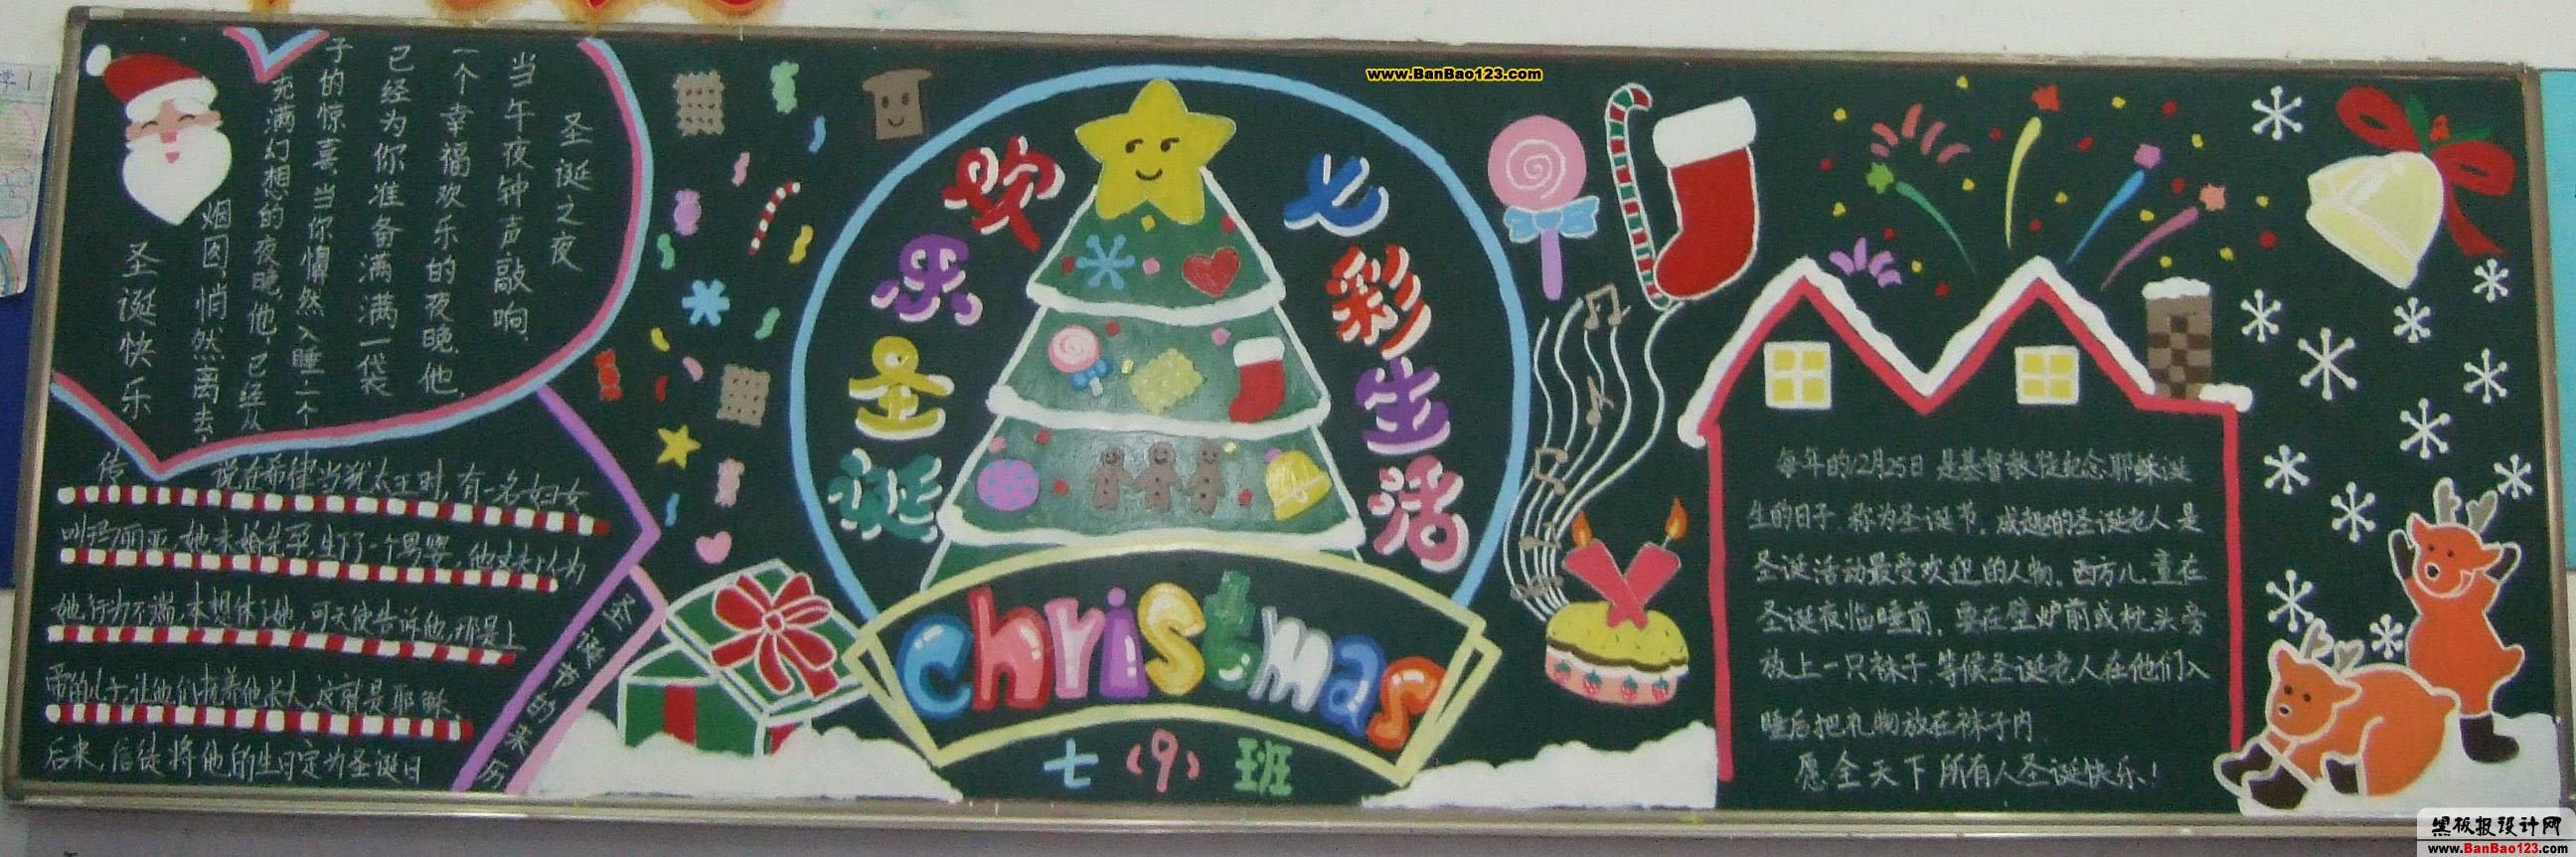 圣诞节黑板报图片:欢乐圣诞